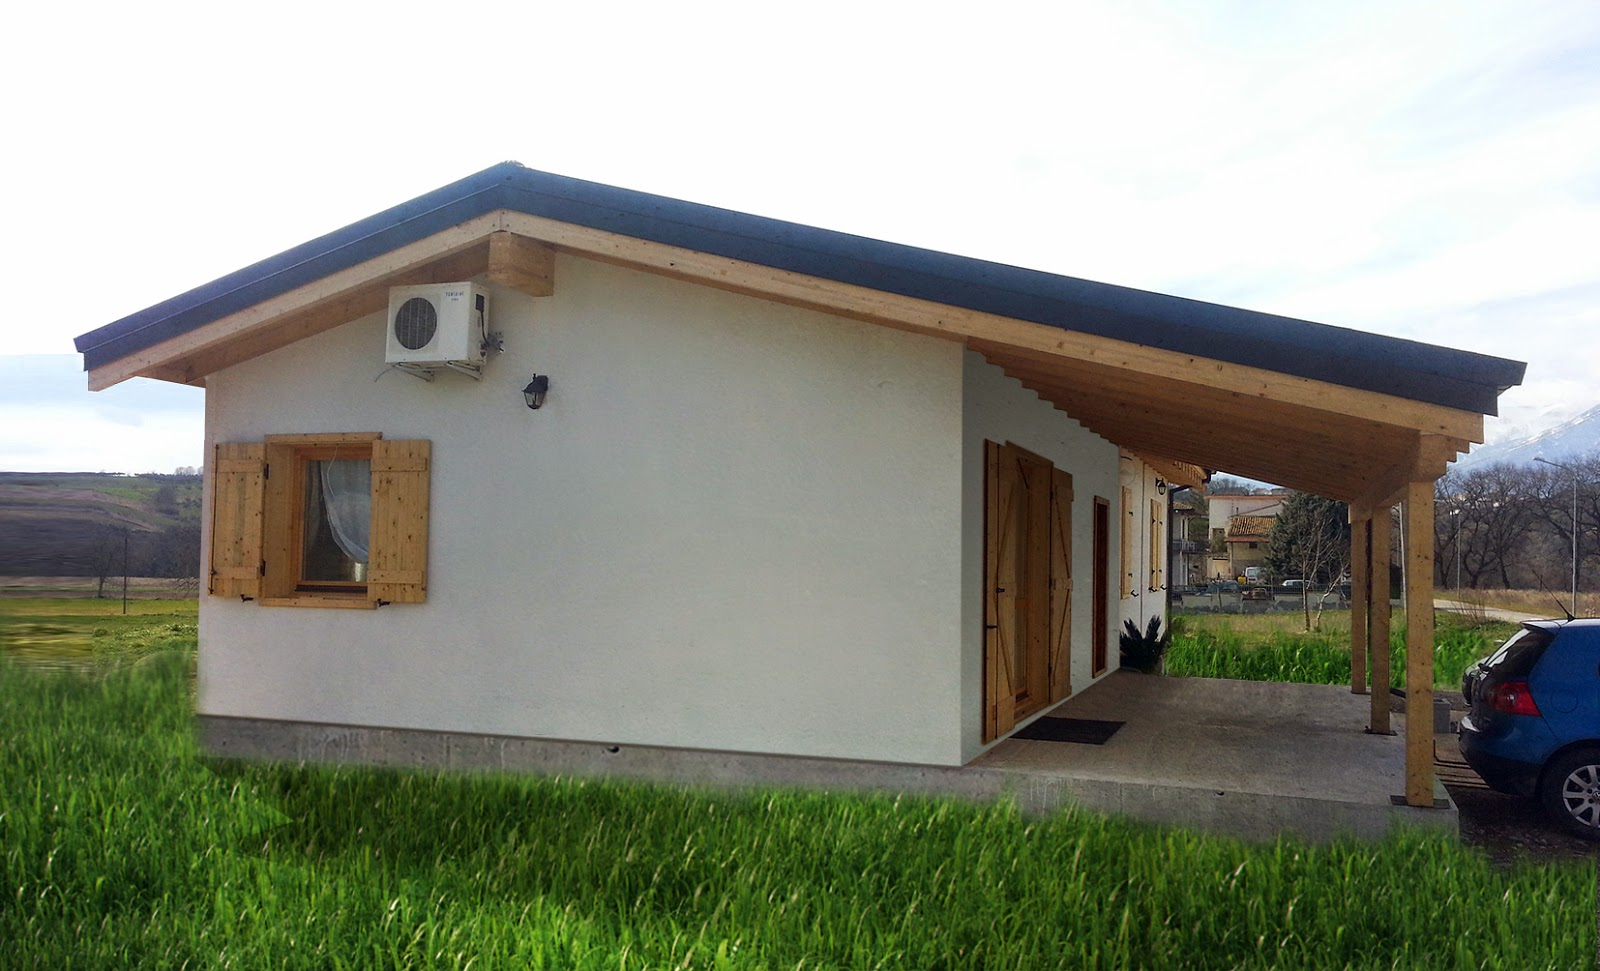 progetti di case in legno casa 110 mq portico 10 mq On case con portico in legno